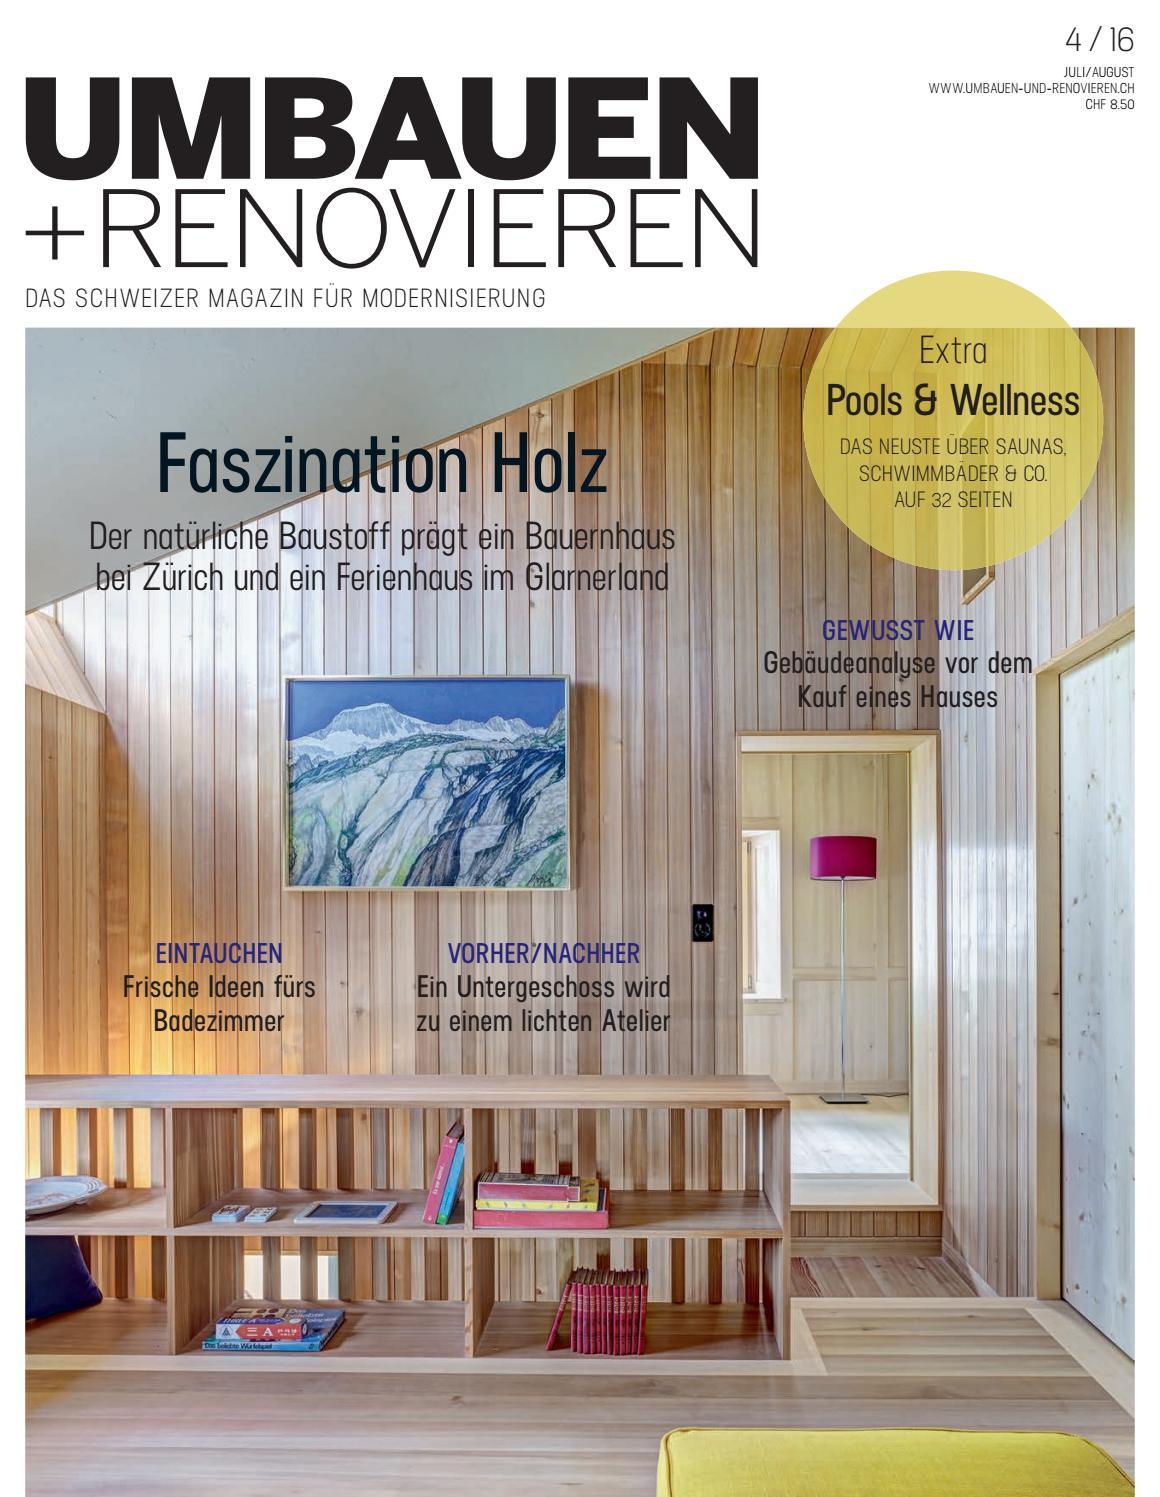 UMBAUEN + RENOVIEREN 04/2016 By Archithema Verlag   Issuu